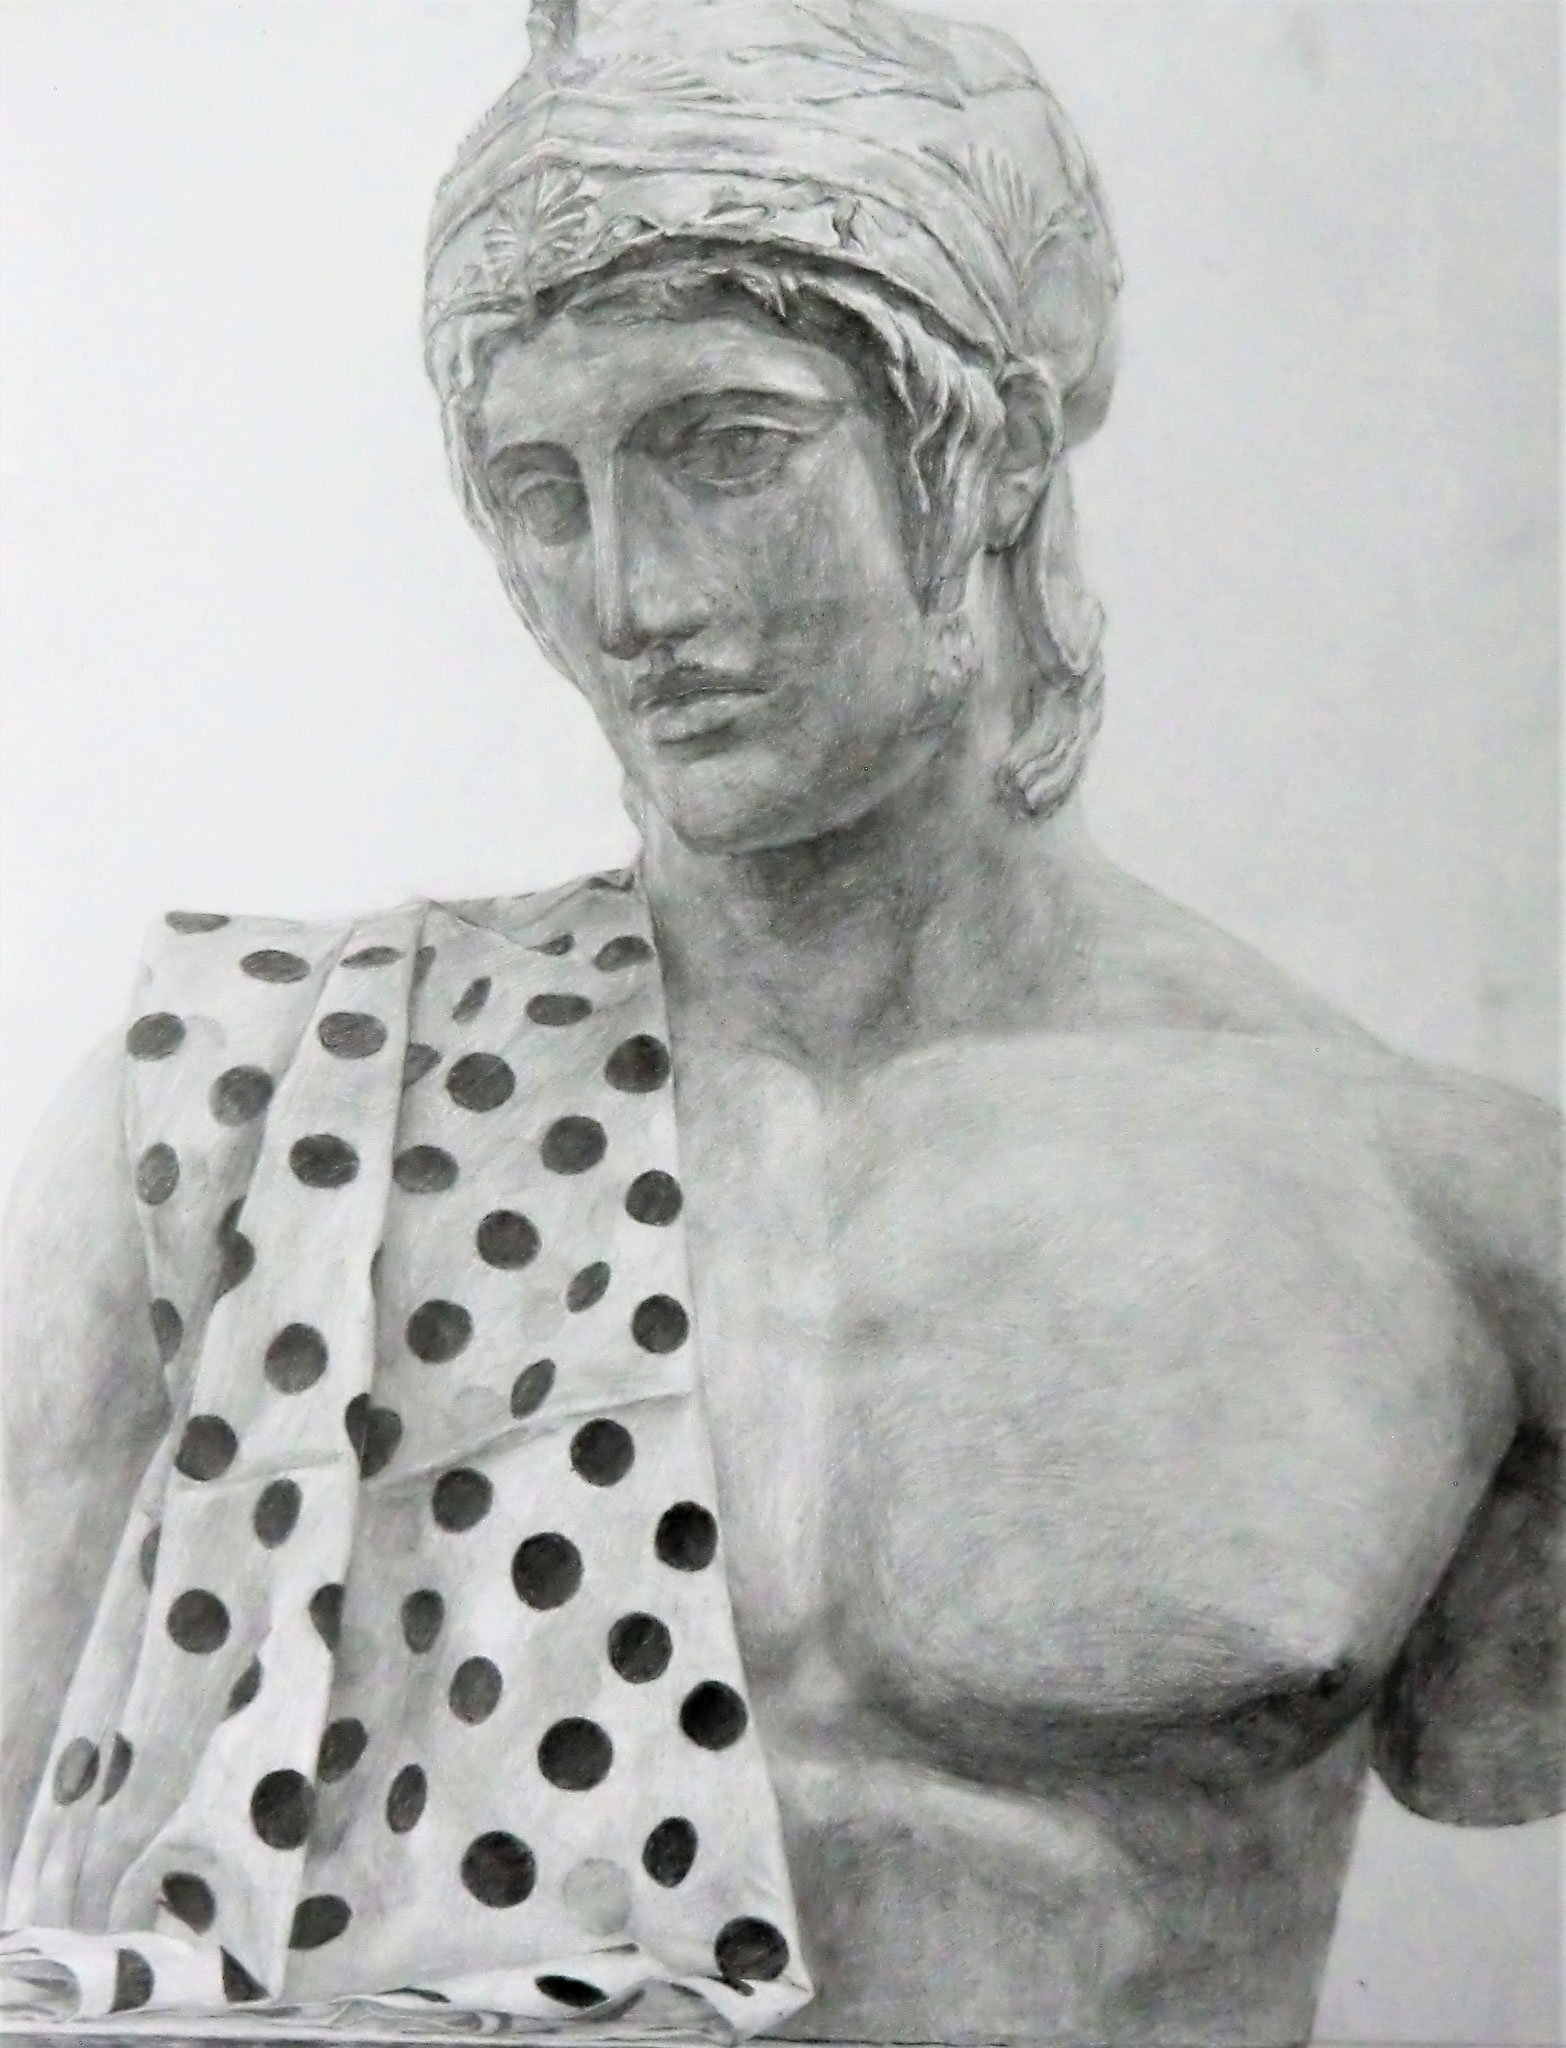 生徒作品15 鉛筆デッサン<ボルゲーゼのマルス像と水玉の布> 630×480mm 白象紙 【日本画系】